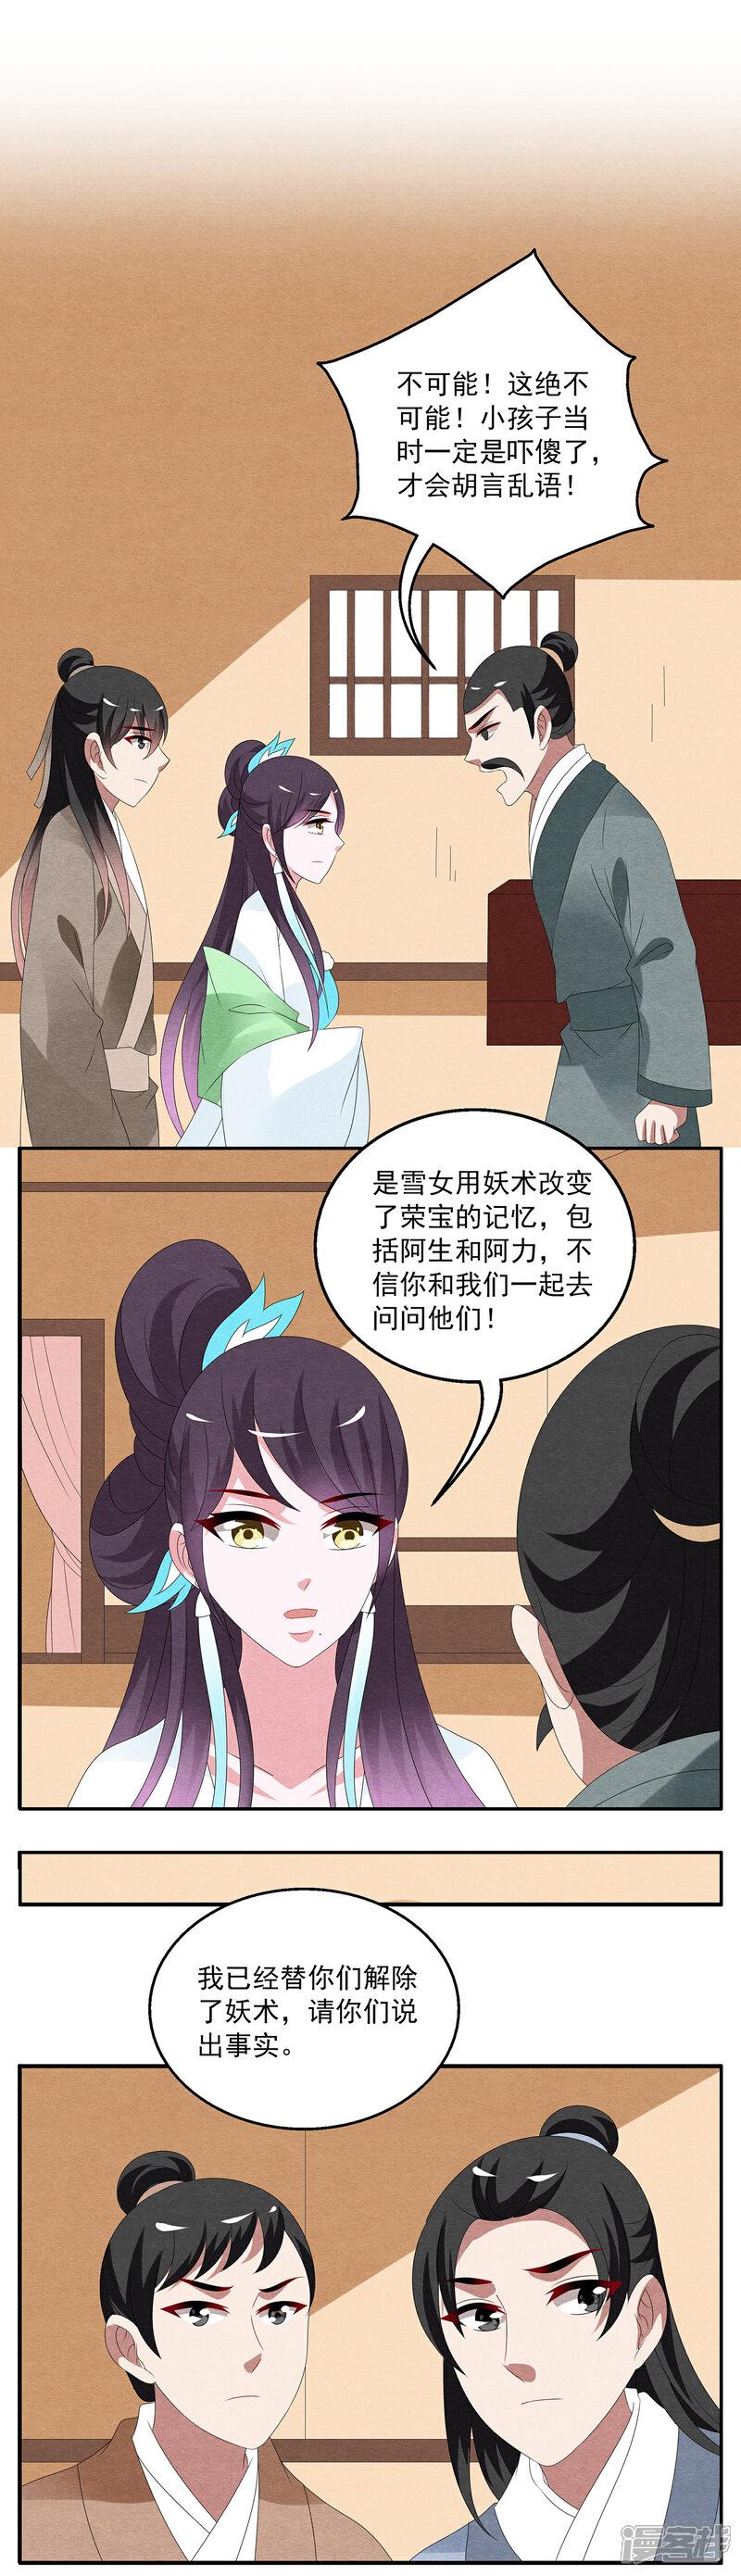 洛小妖98990007-1.jpg